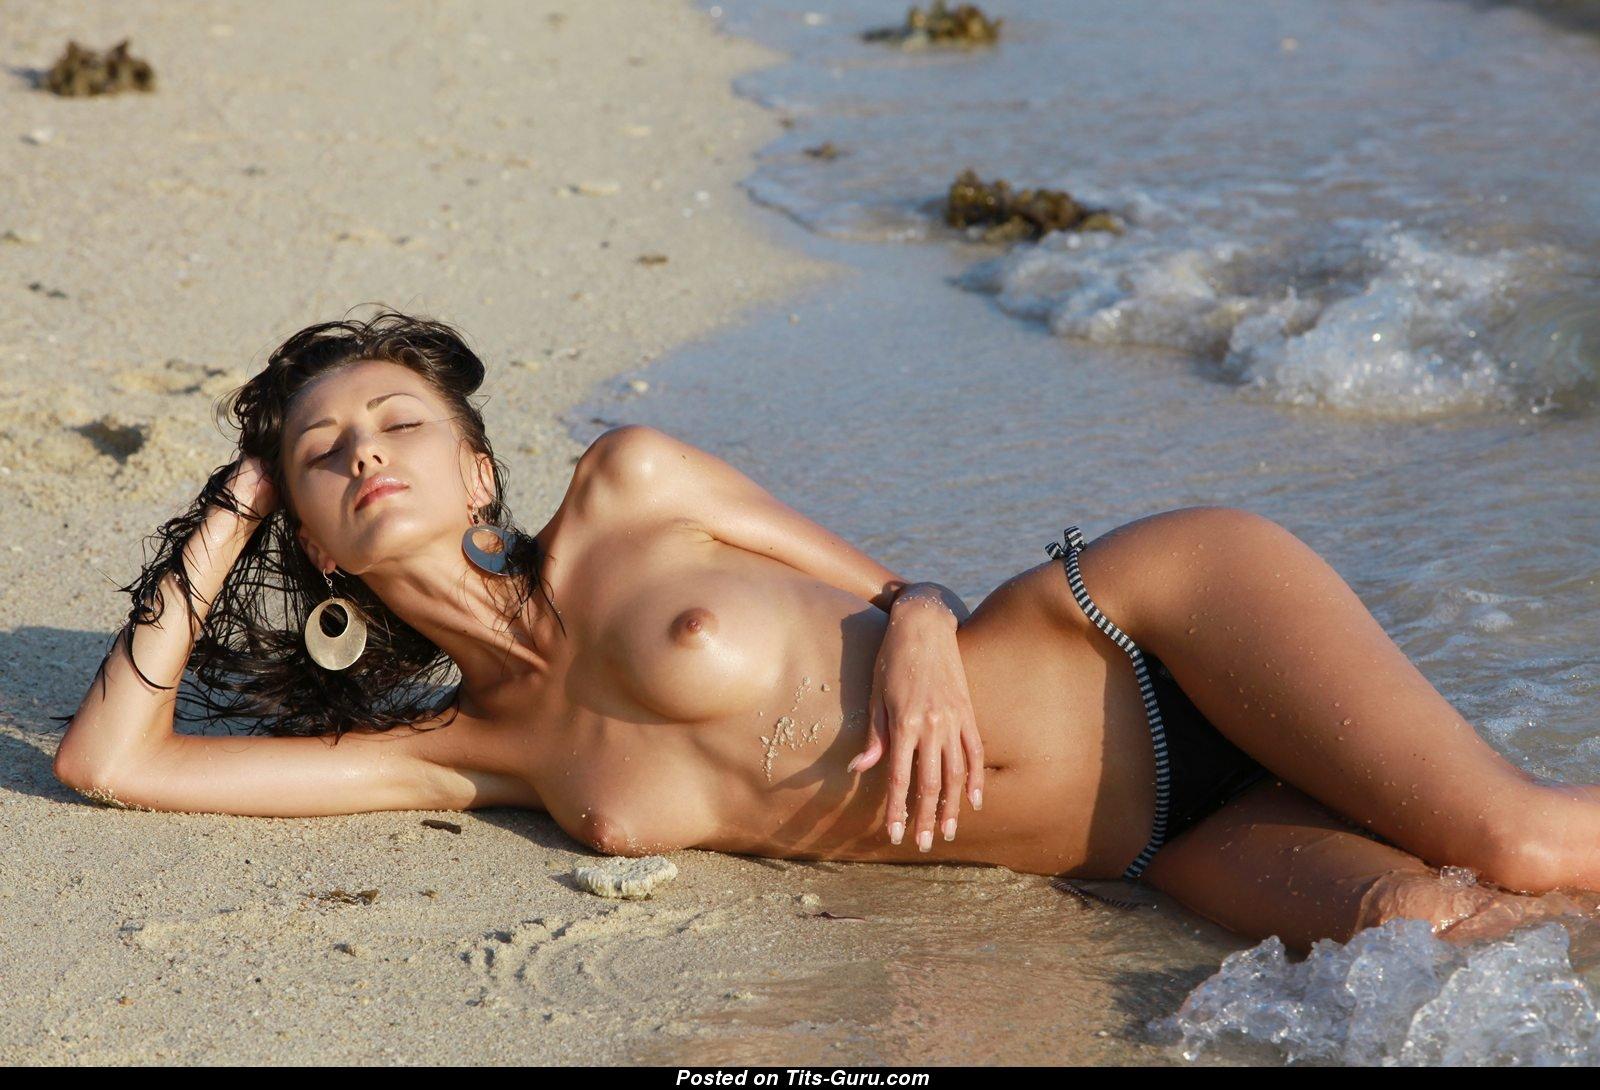 sexey nude beach pics